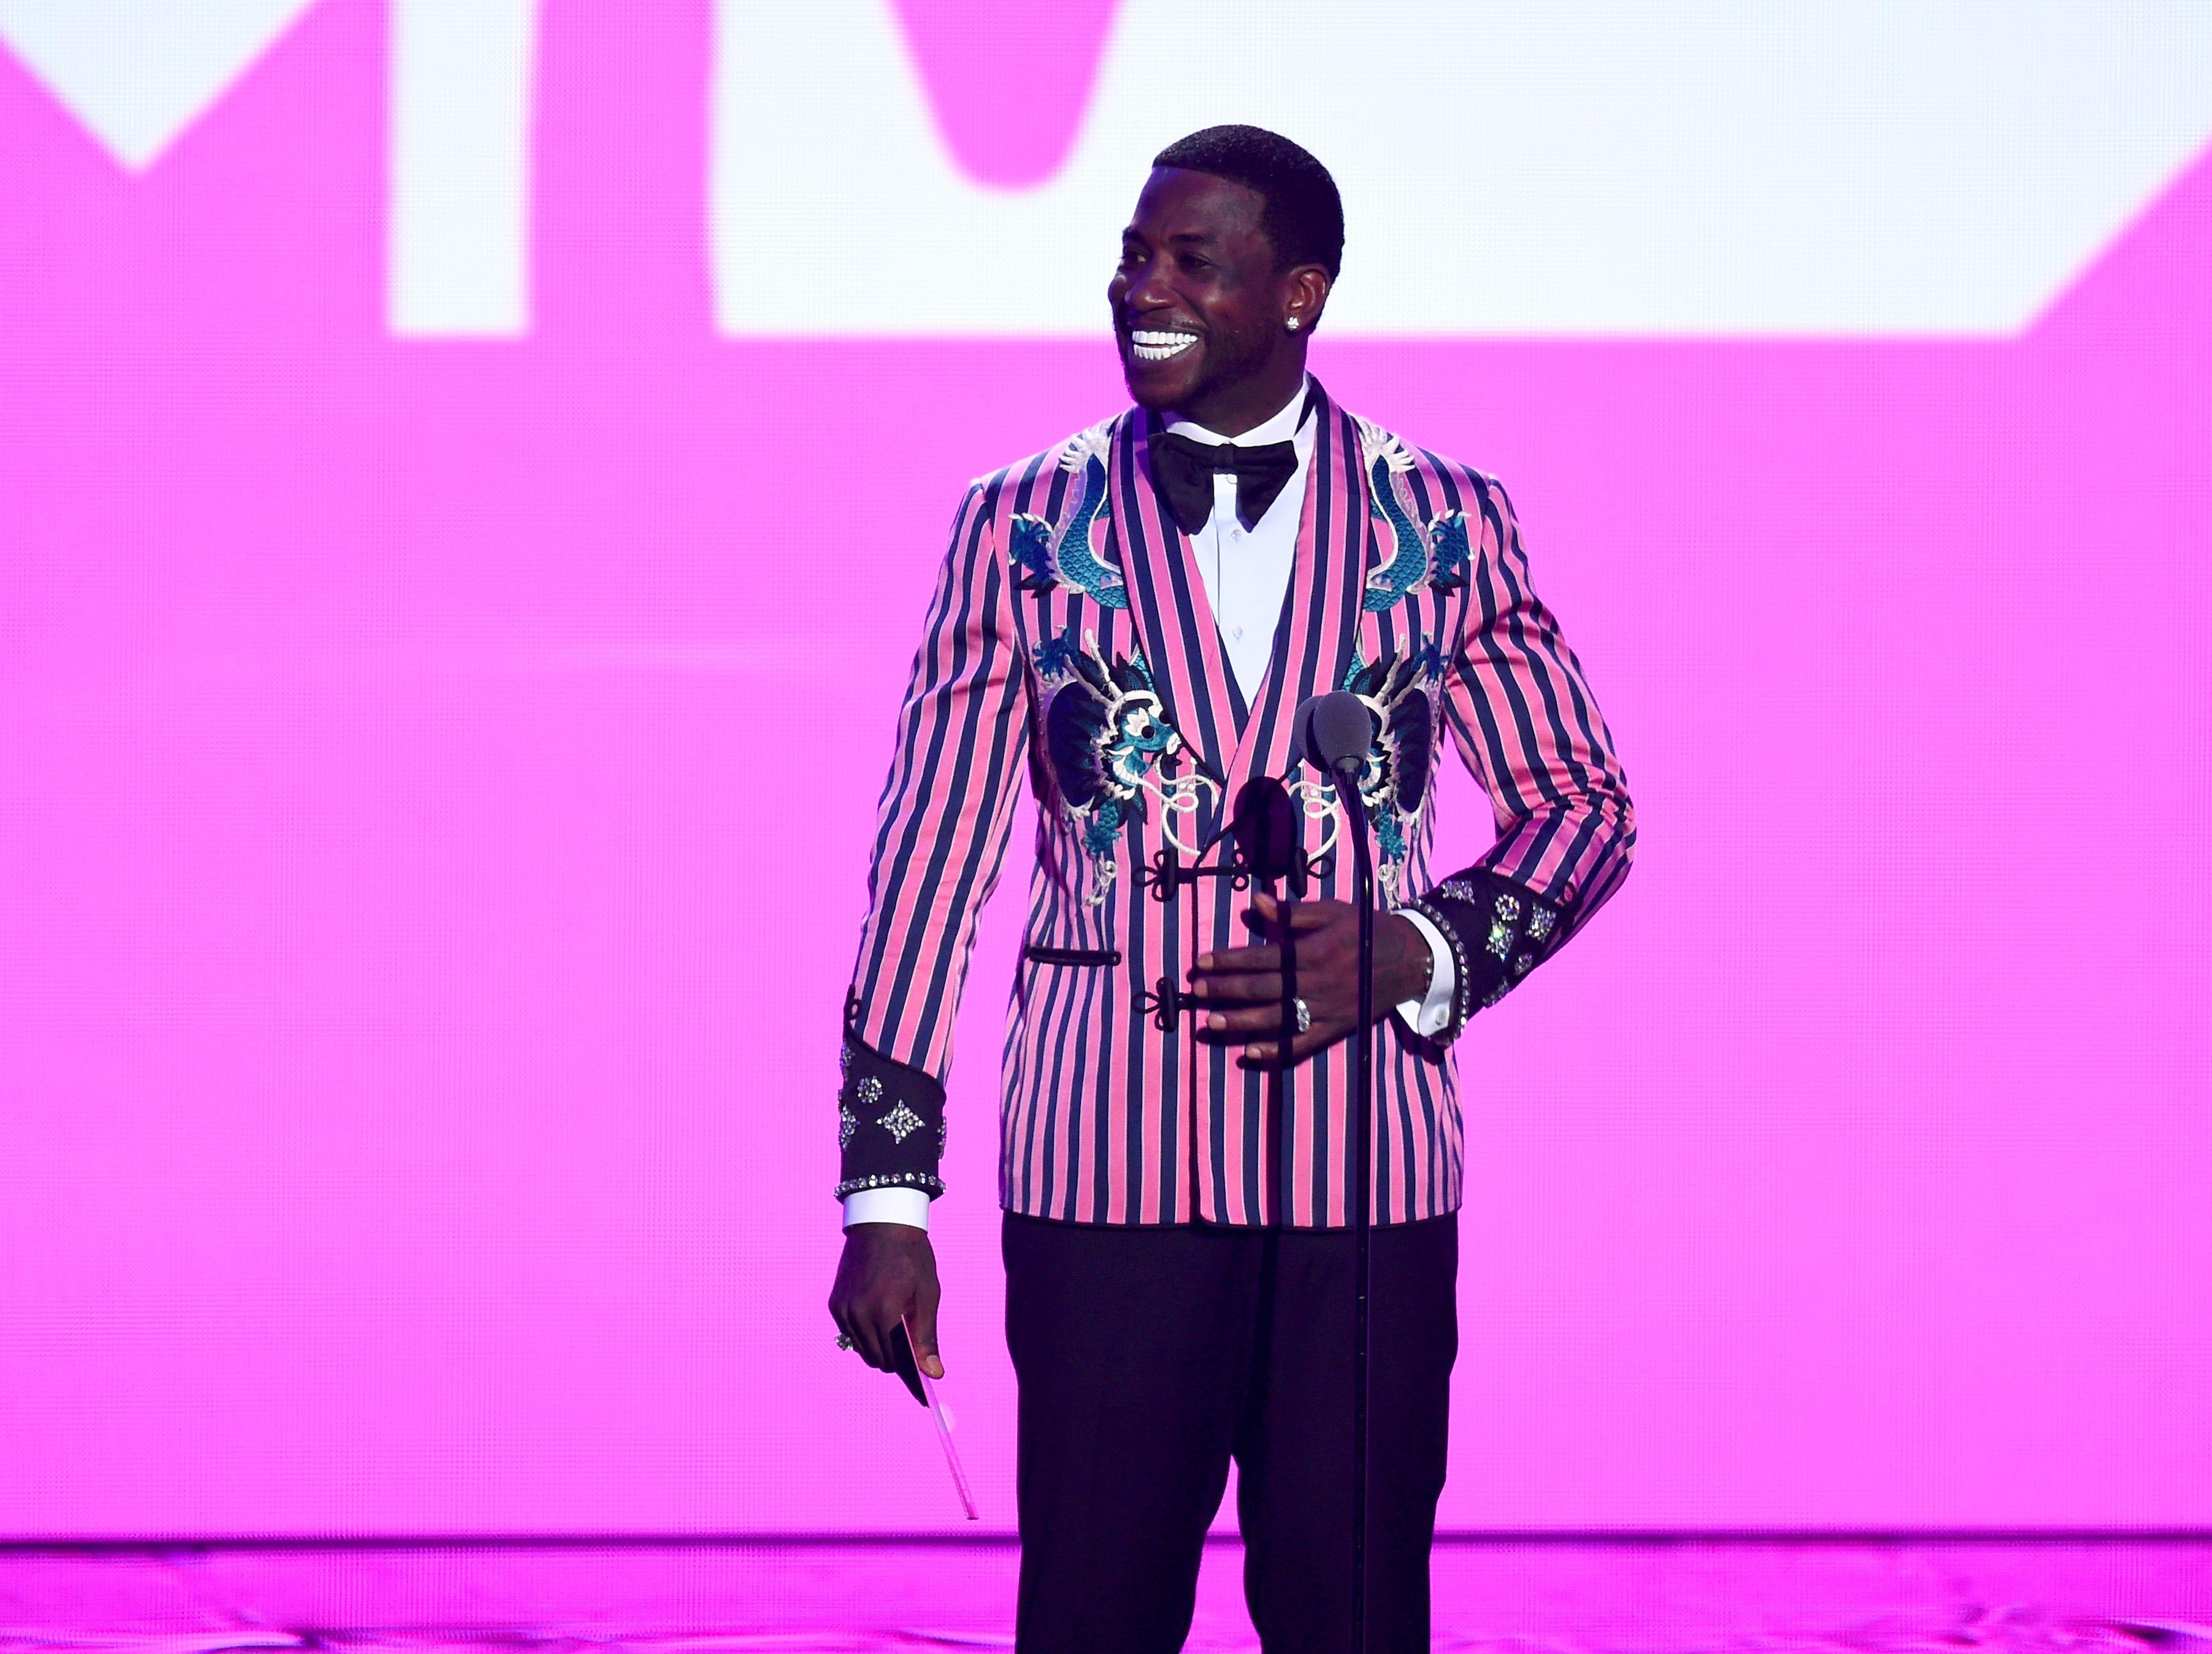 Gucci Mane habla en el escenario durante los MTV Video Music Awards 2018 en el Radio City Music Hall el 20 de agosto de 2018 en la ciudad de Nueva York.